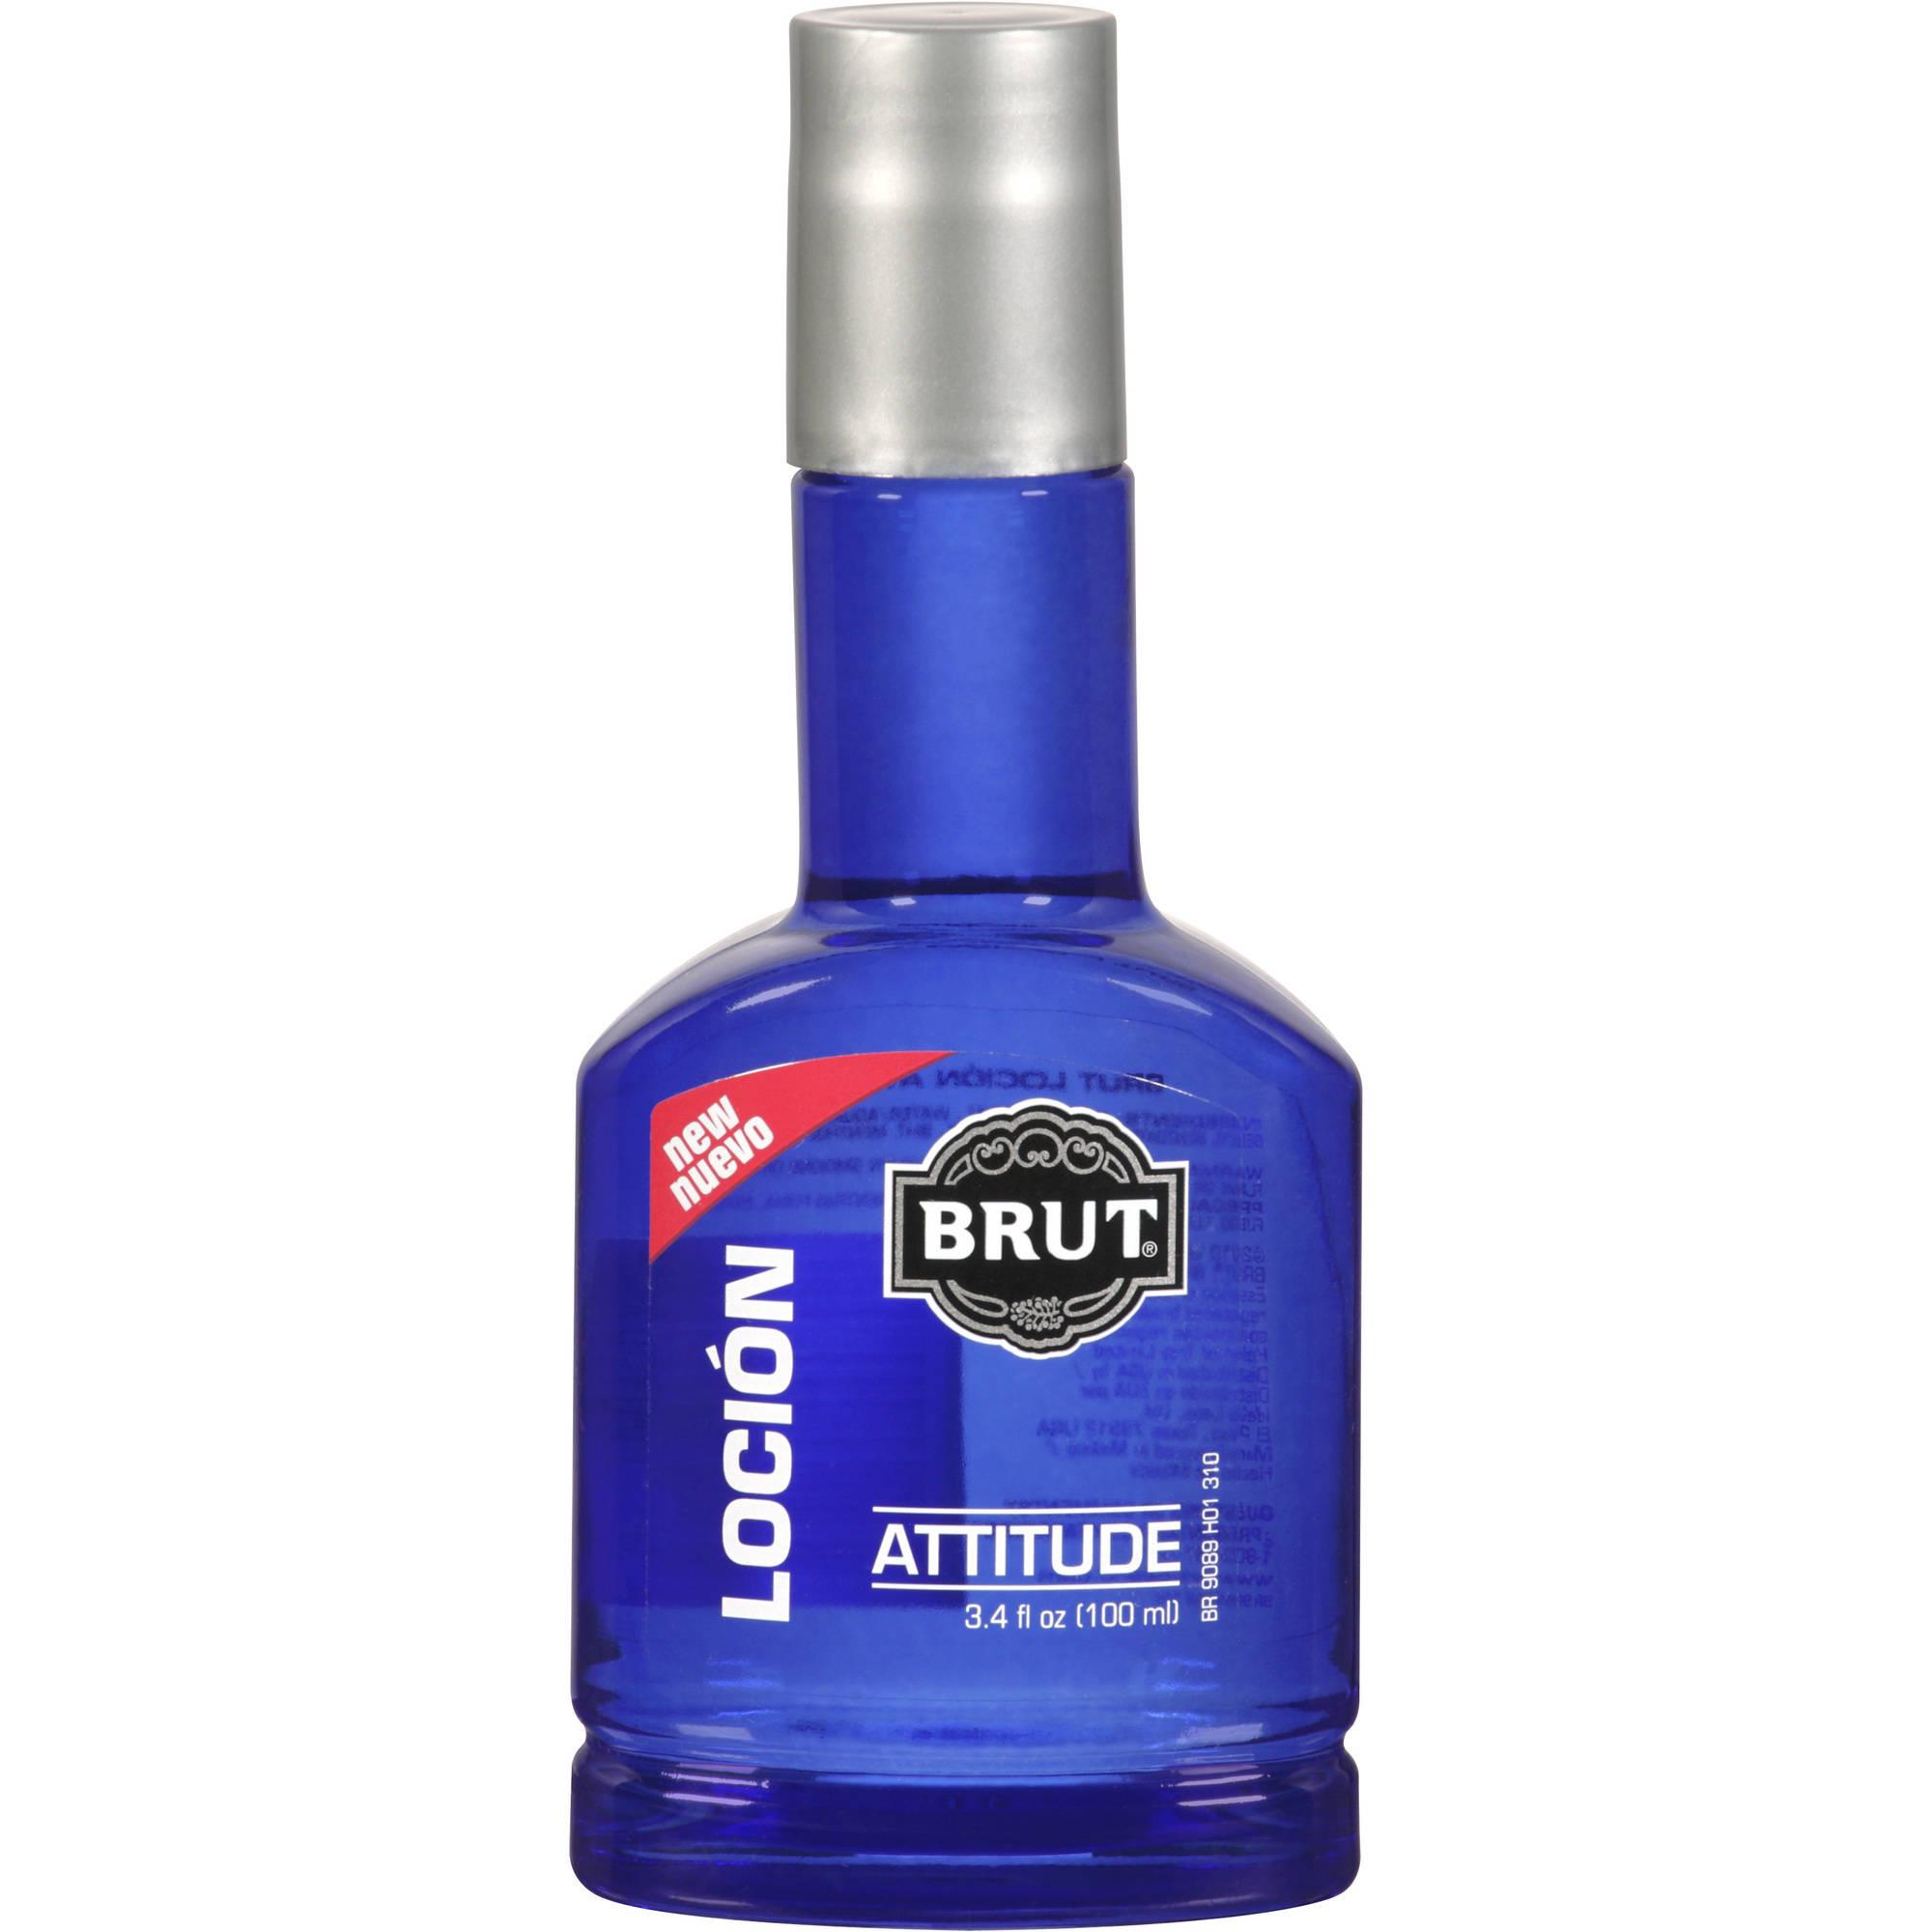 Fusion Brut Attitude Locion 100 Ml